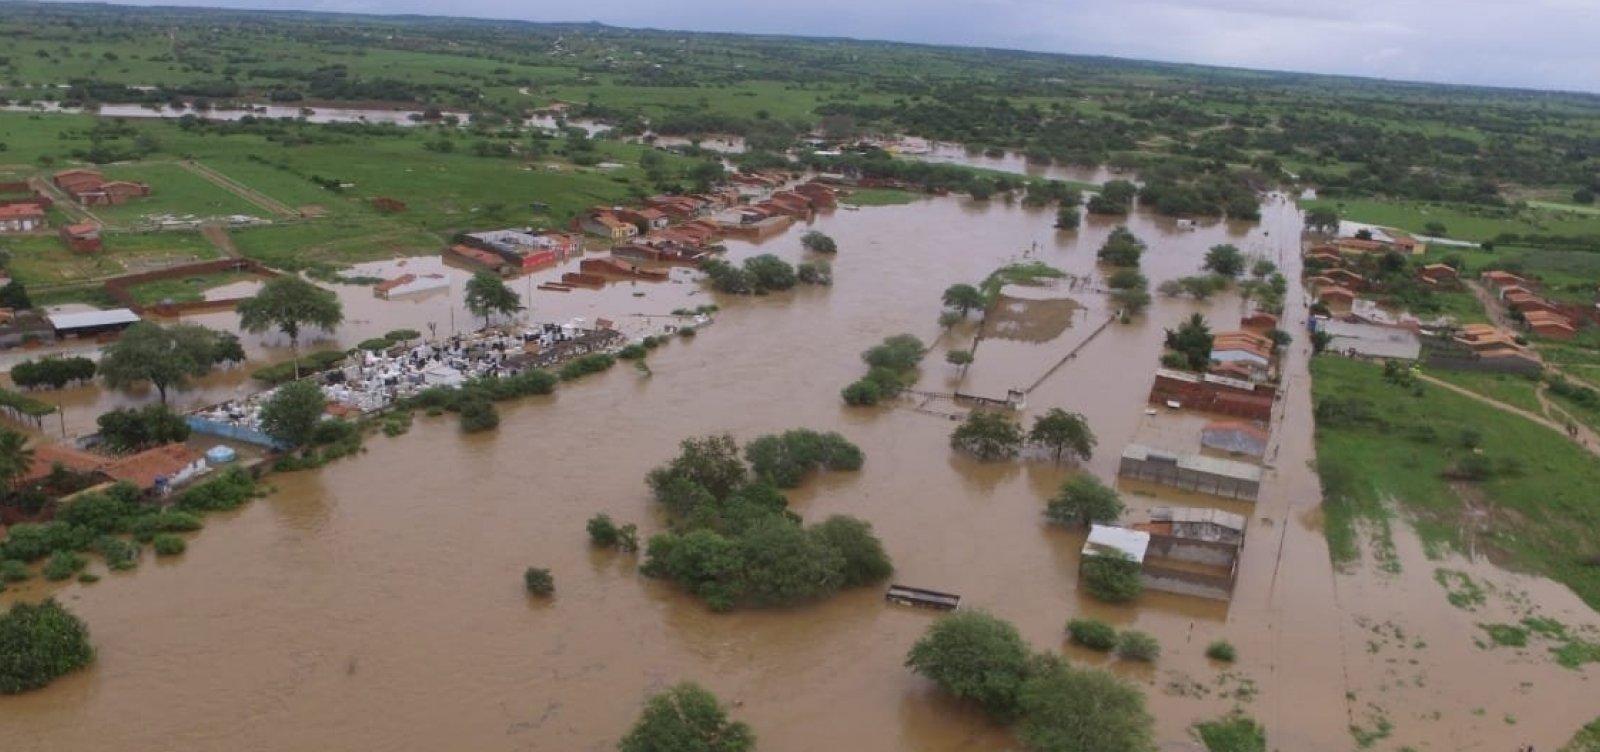 [Coronel João Sá: rompimento de barragem deixa 150 famílias desabrigadas]